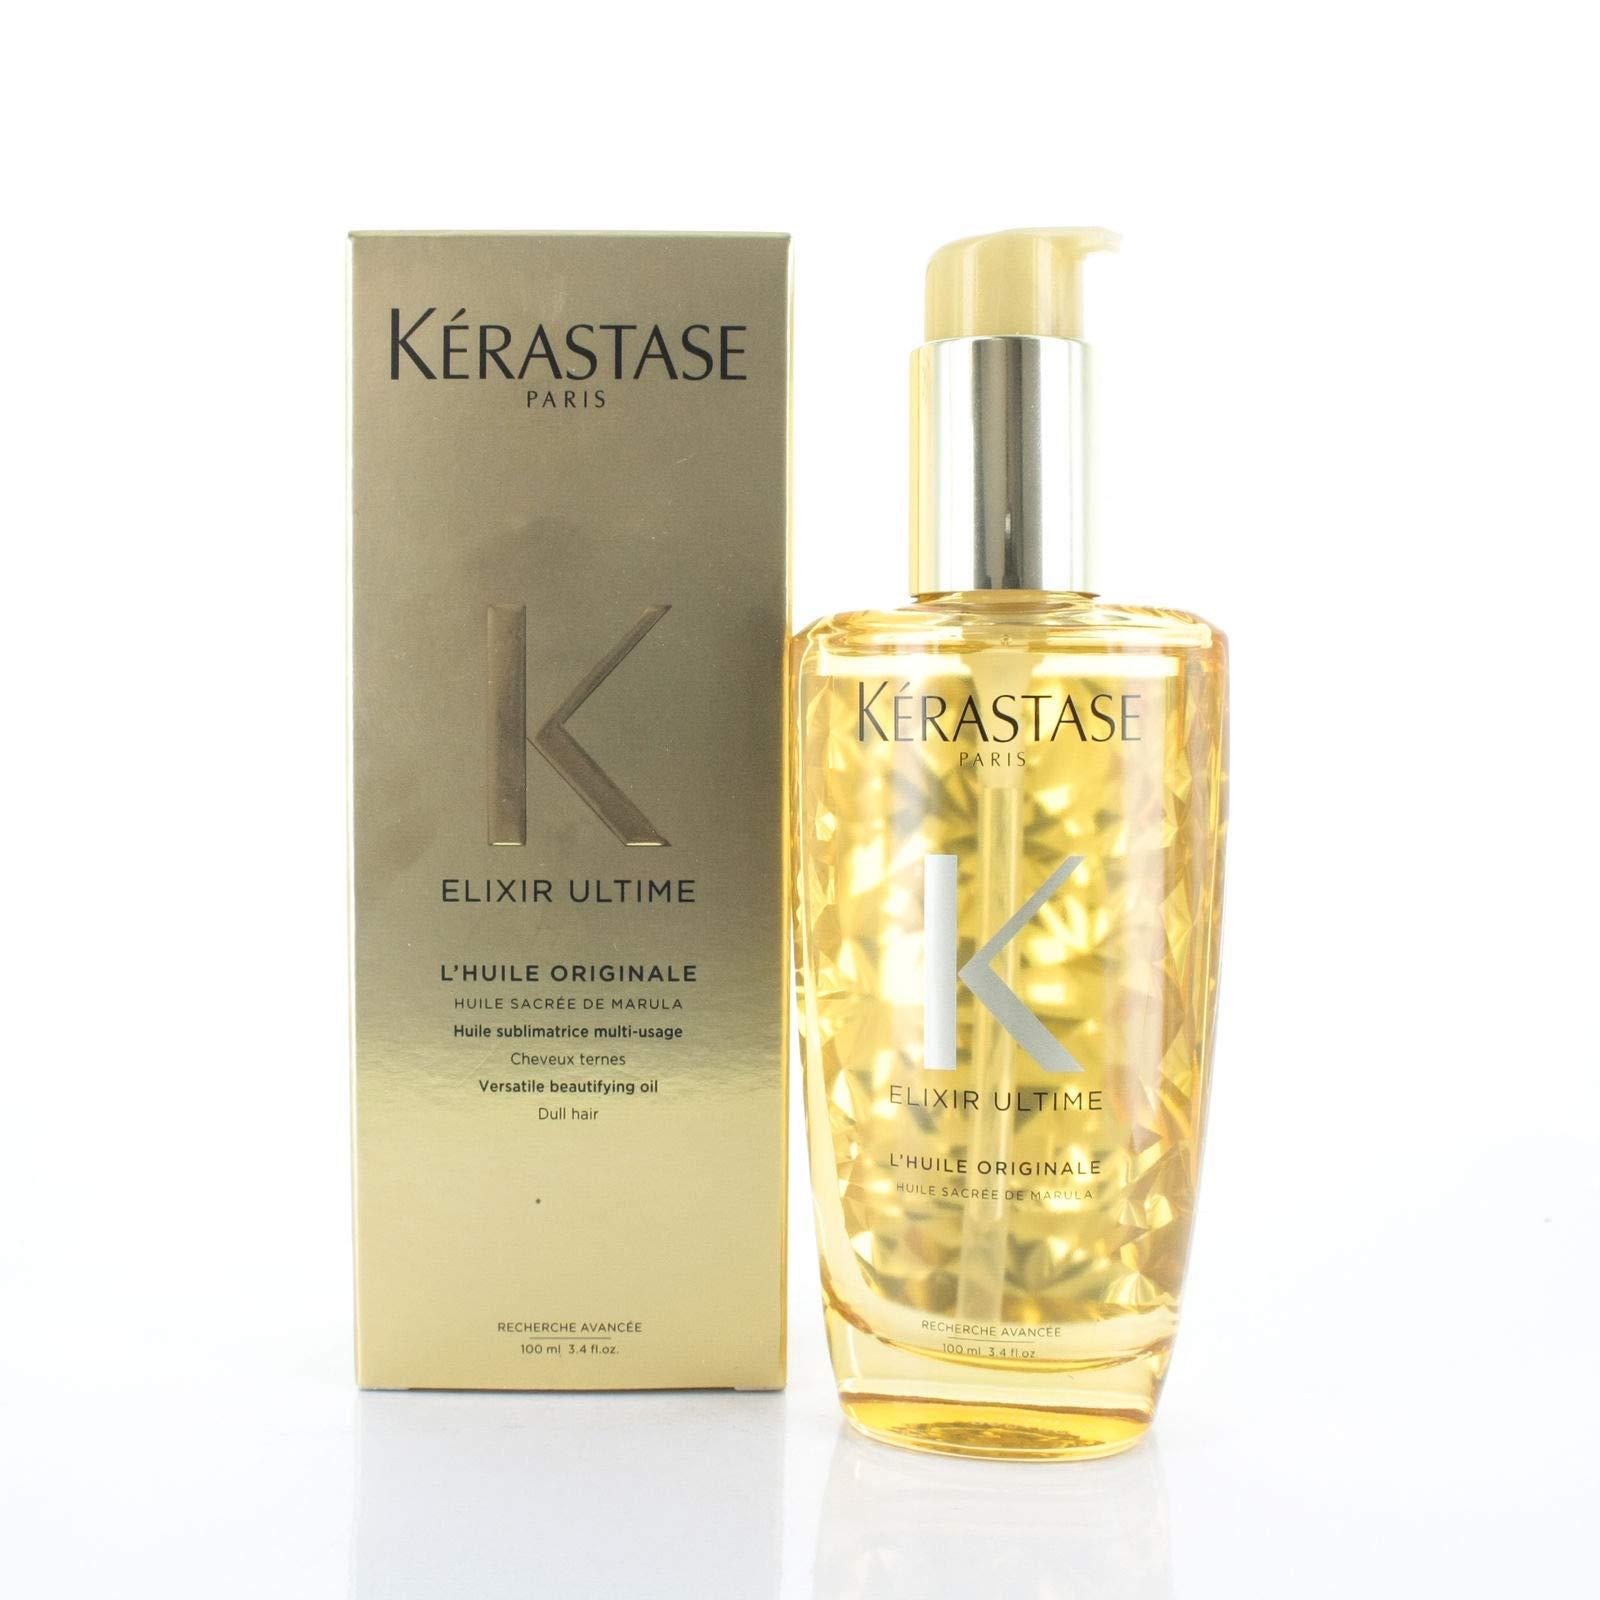 Kerastase AD1176 Elixir Ultime L'Huile Original Beautifying Hair Oil 3.4, reg ye